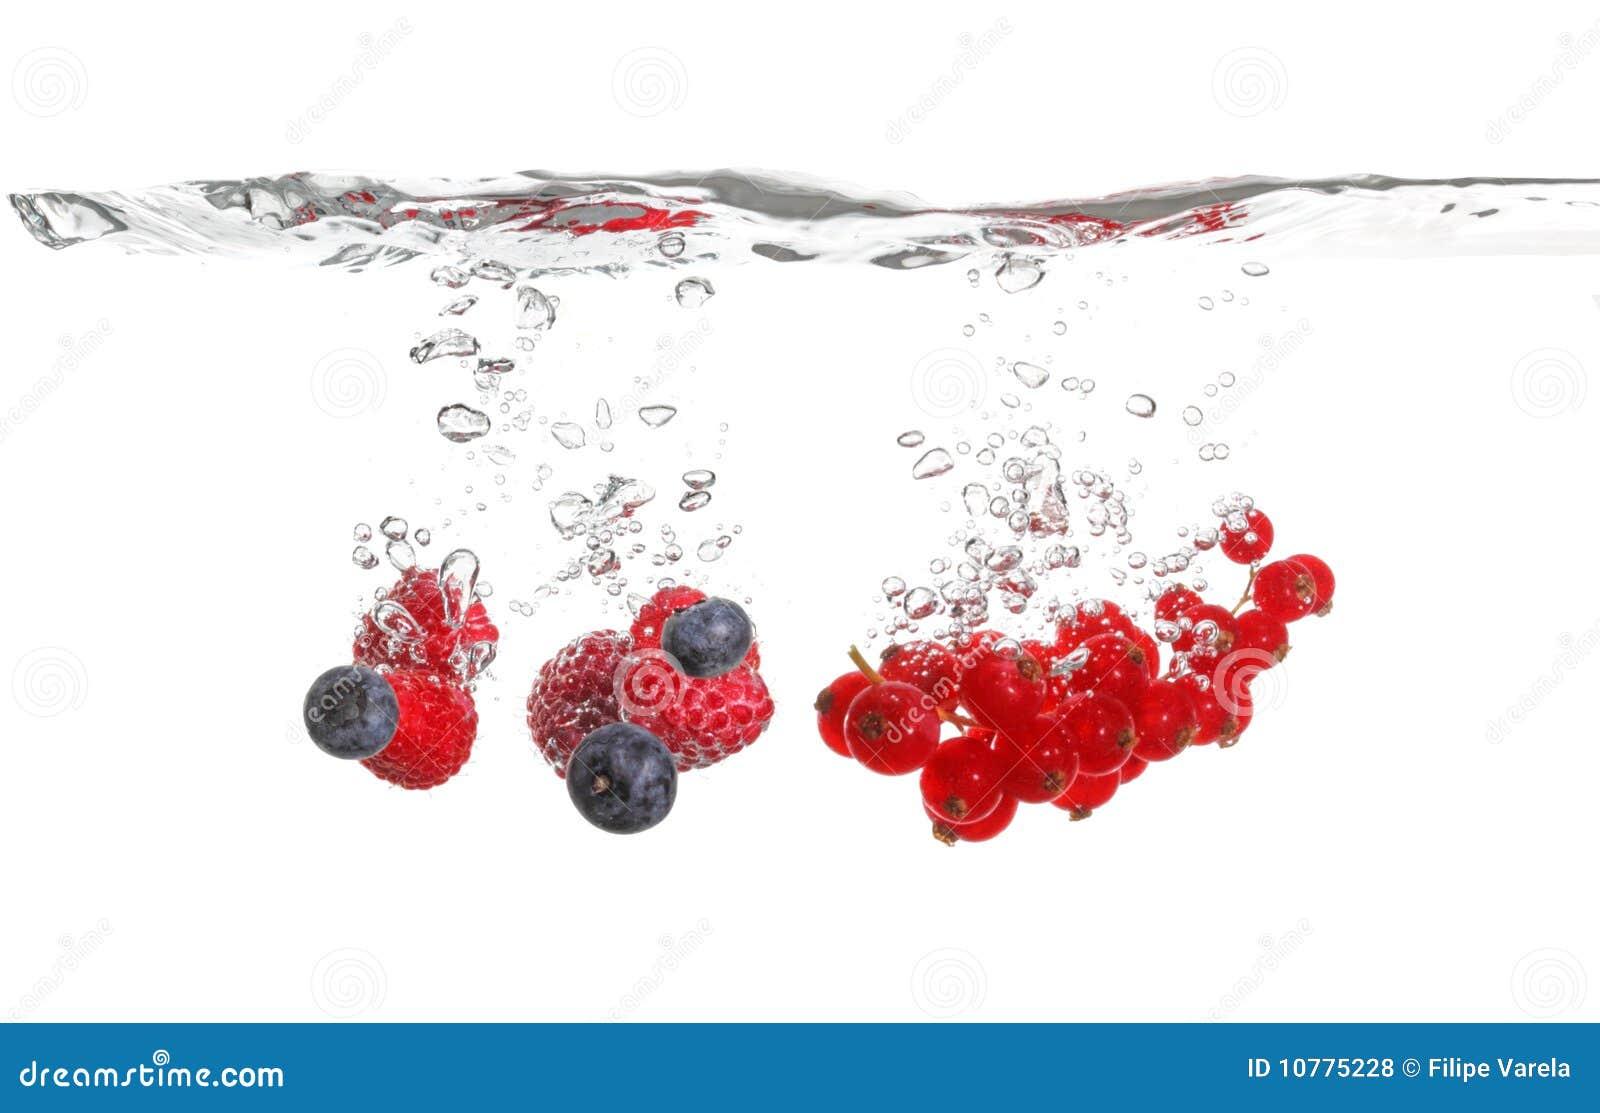 De plons van Berrys in water